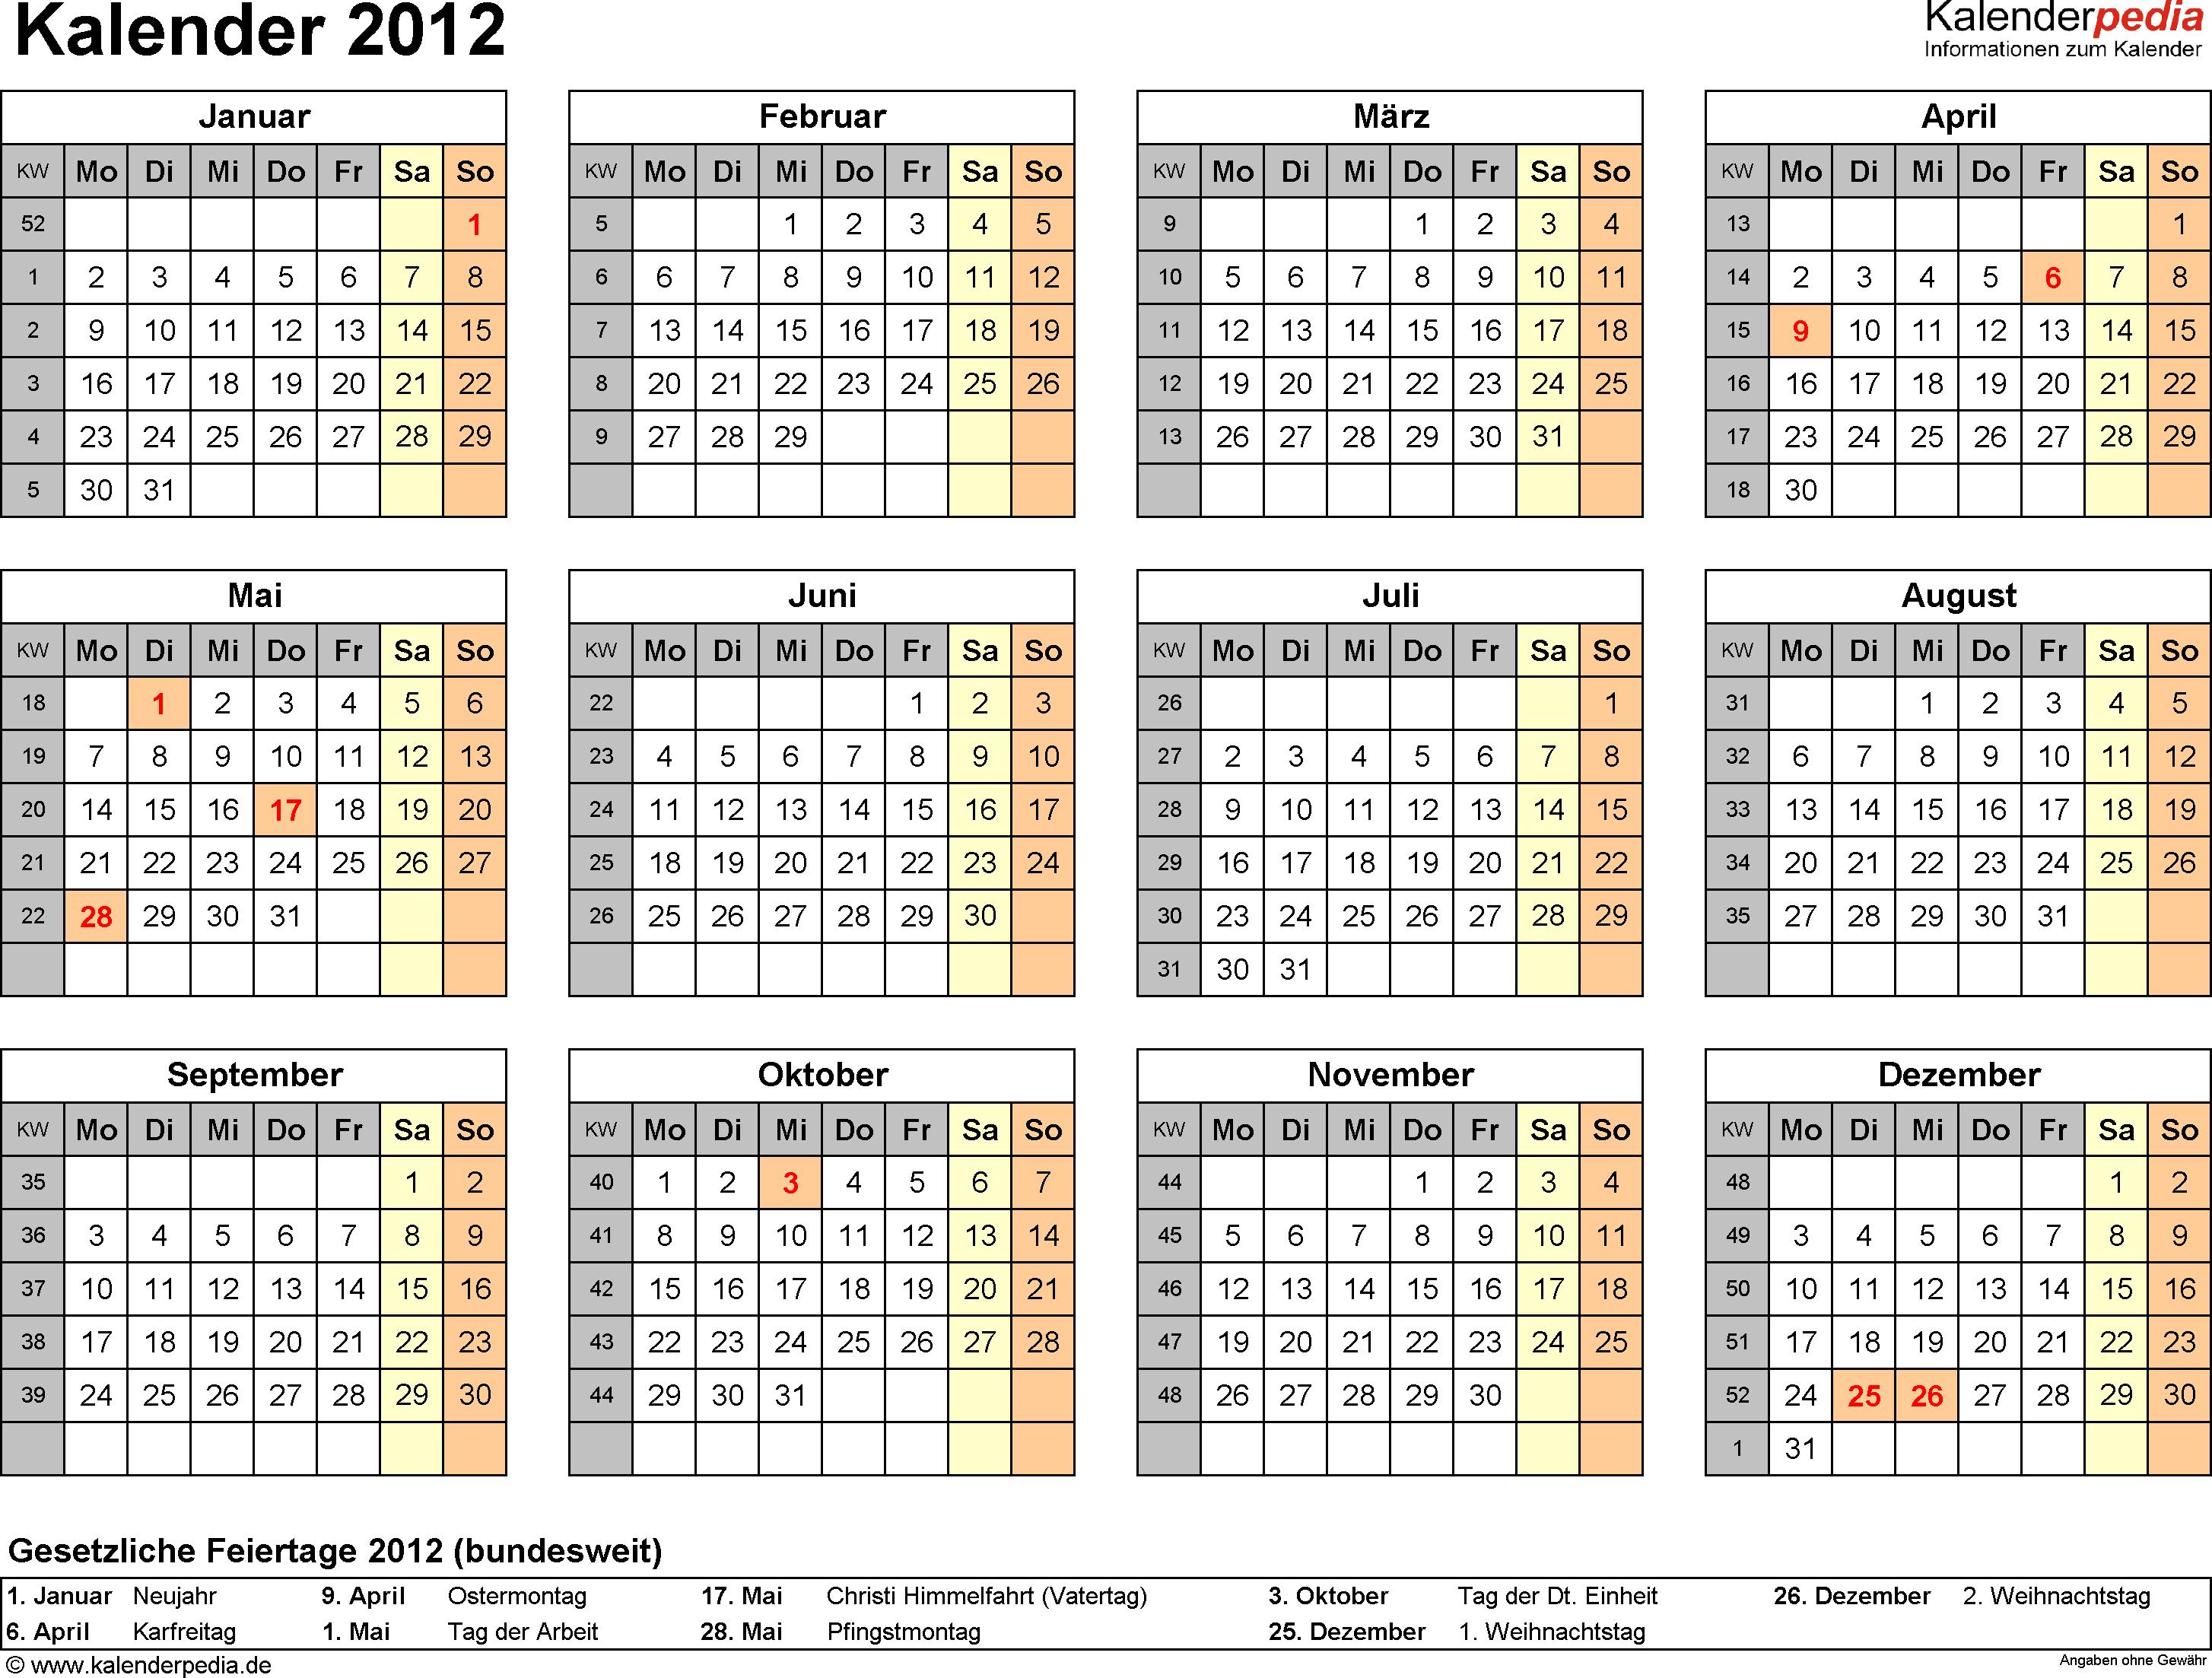 Kalender 2012 im Querformat